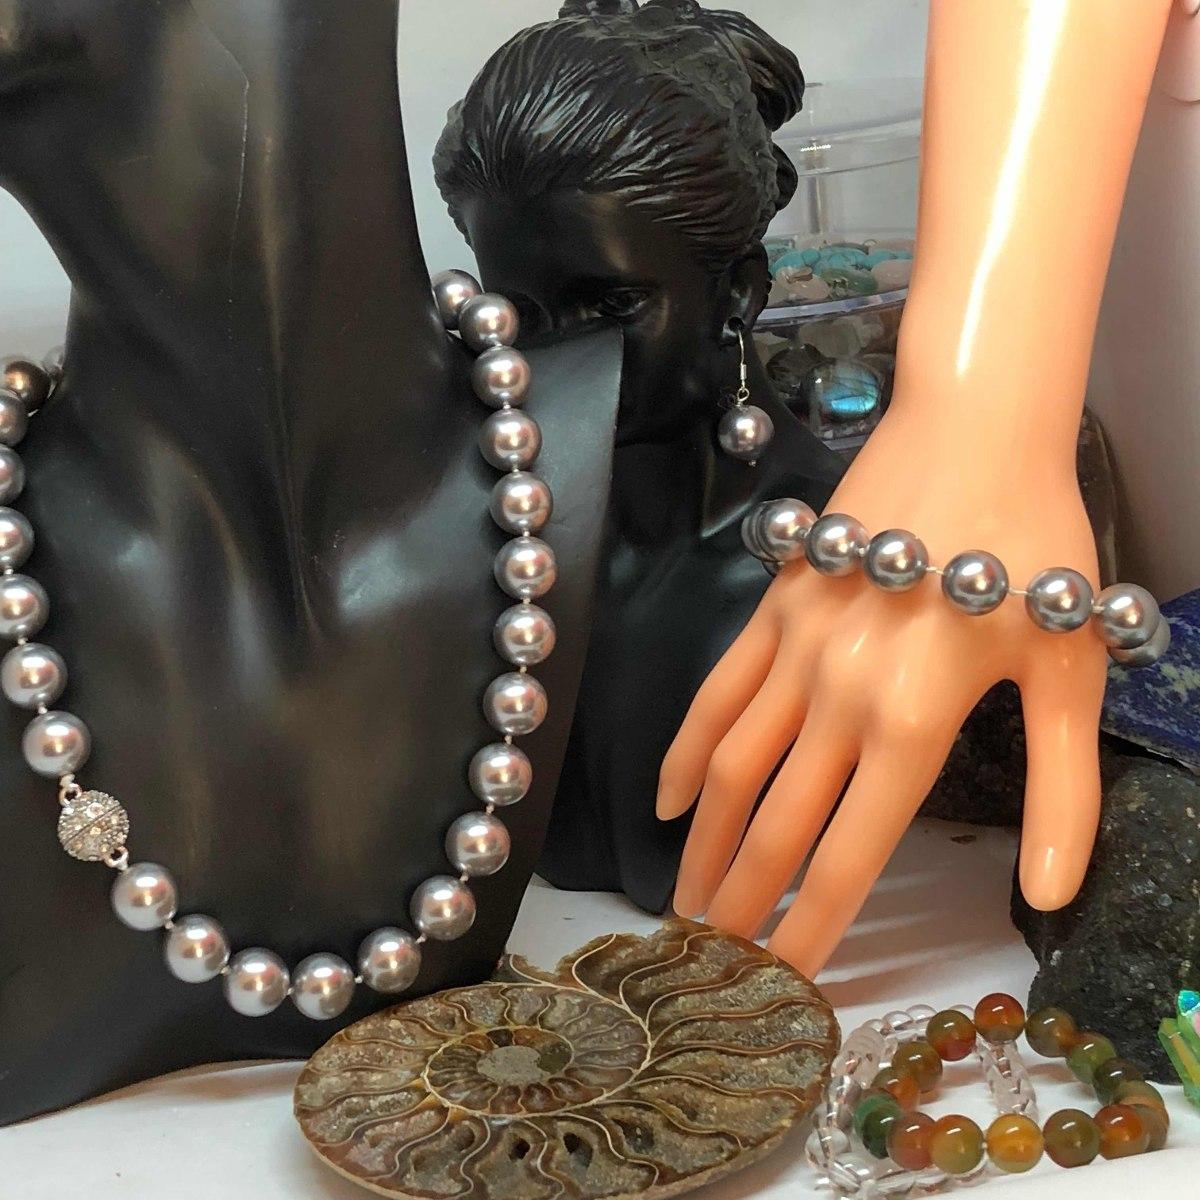 bcdcfbec5f54 Conjunto Pulsera Collar Aros De Perlas De Concha. Orgánicos ...